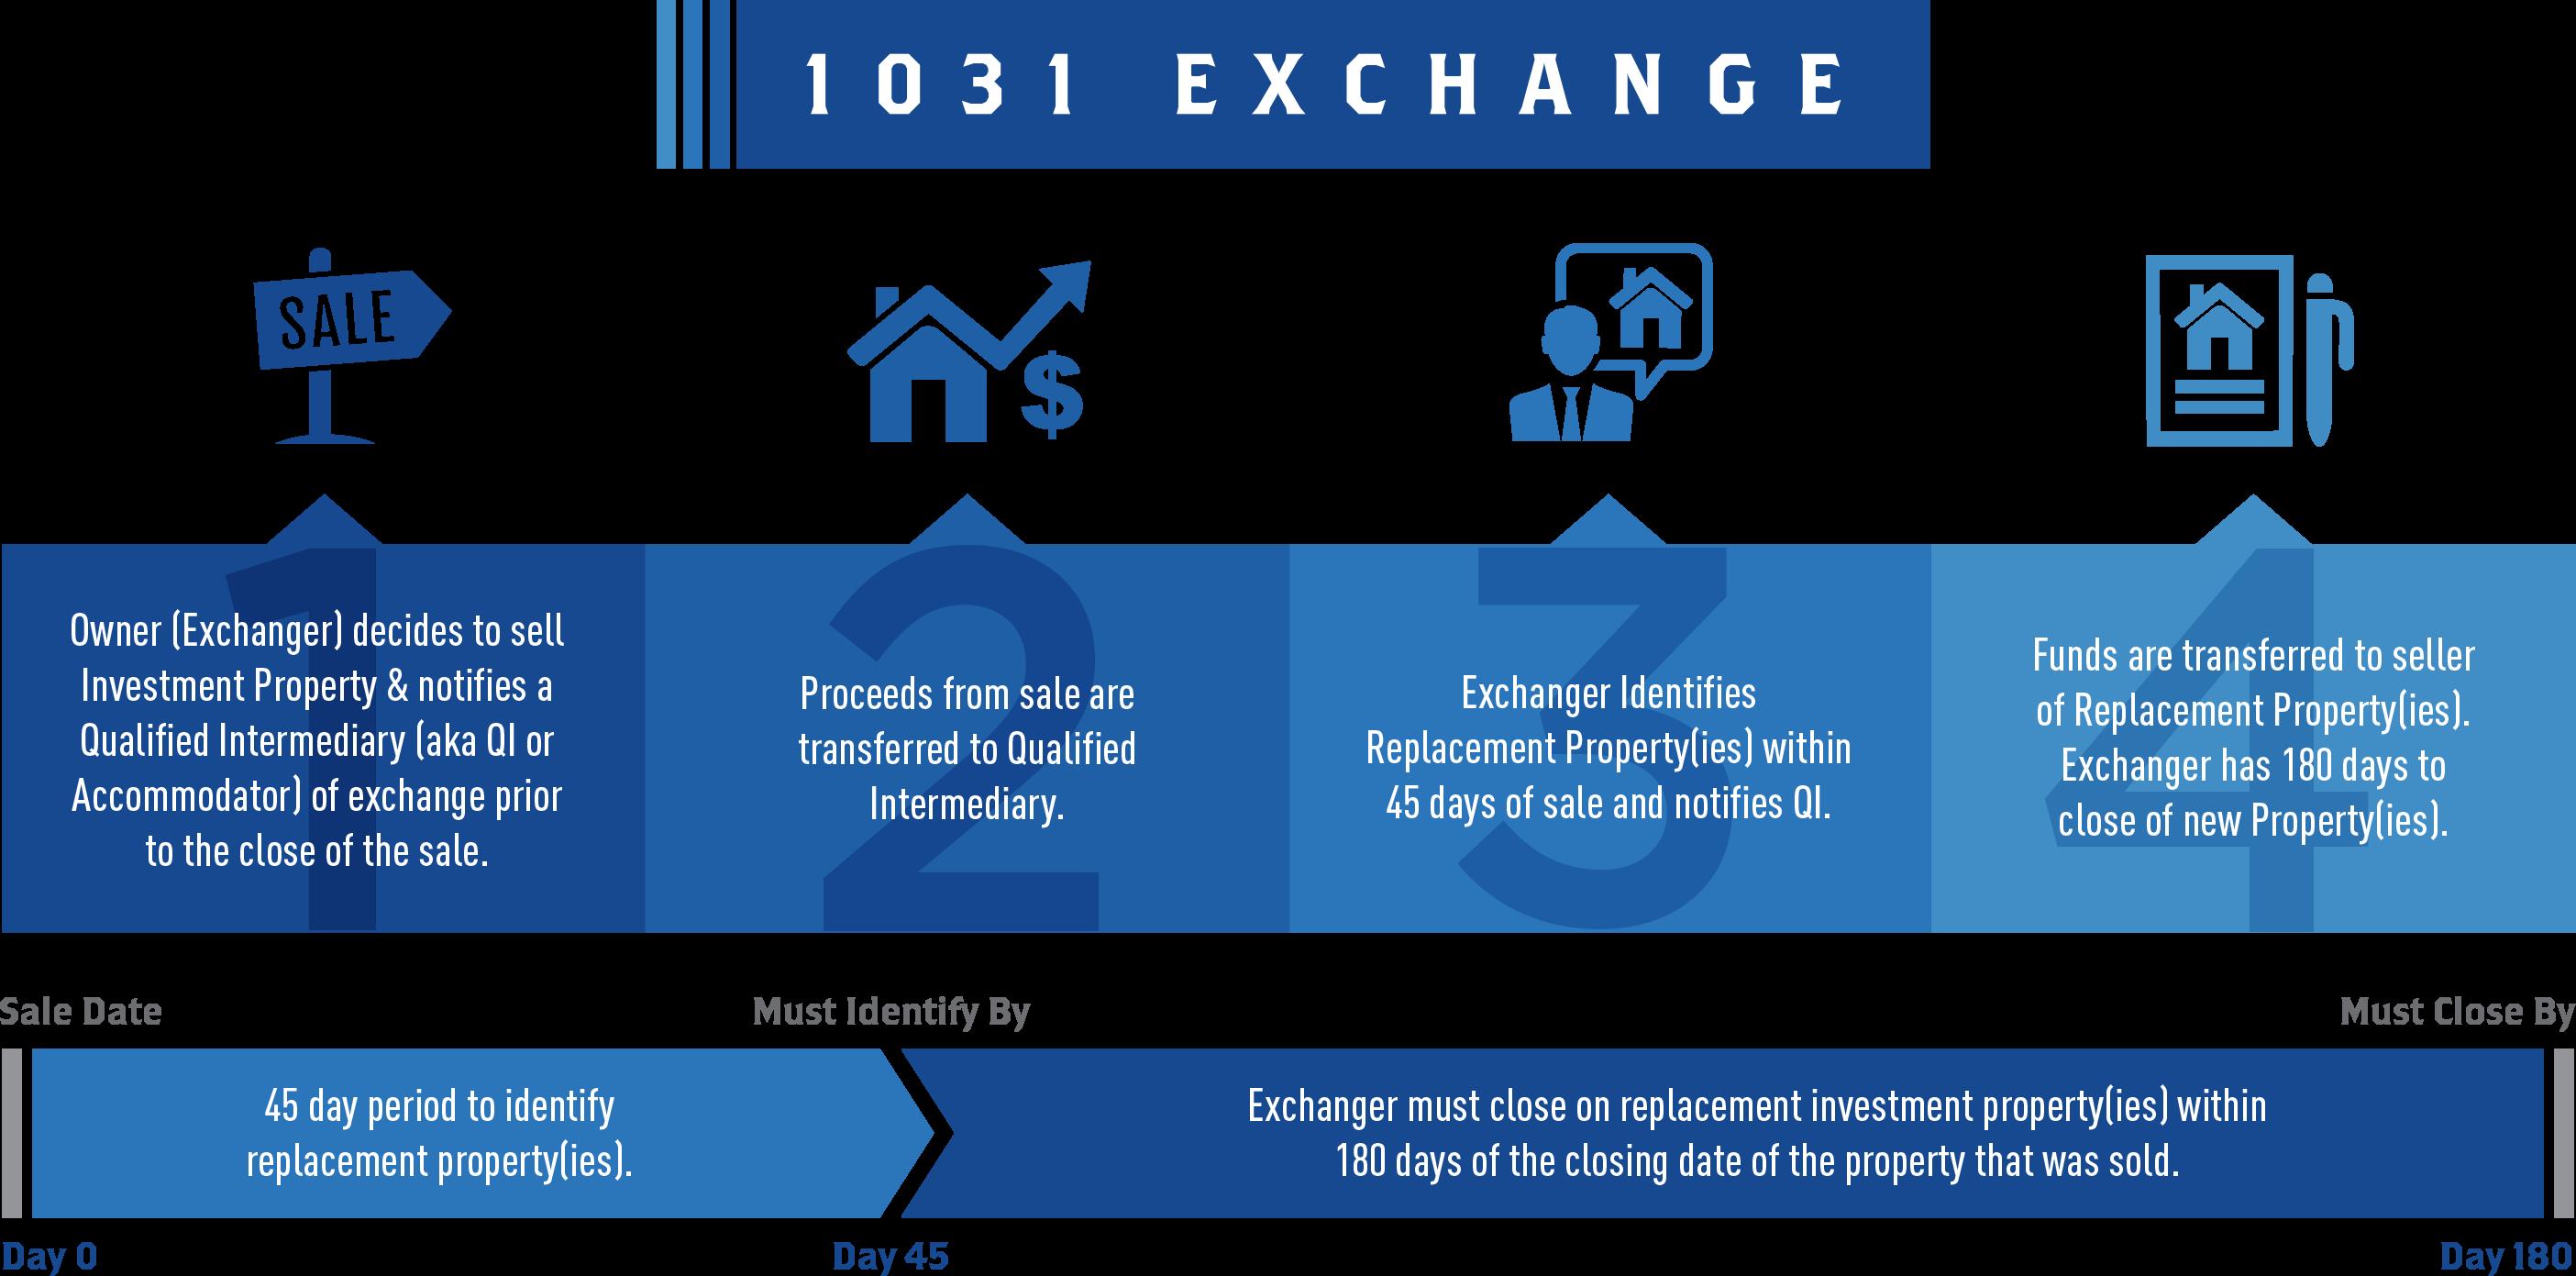 1031 Exchange Information on Selling Home Real Estate Timeline